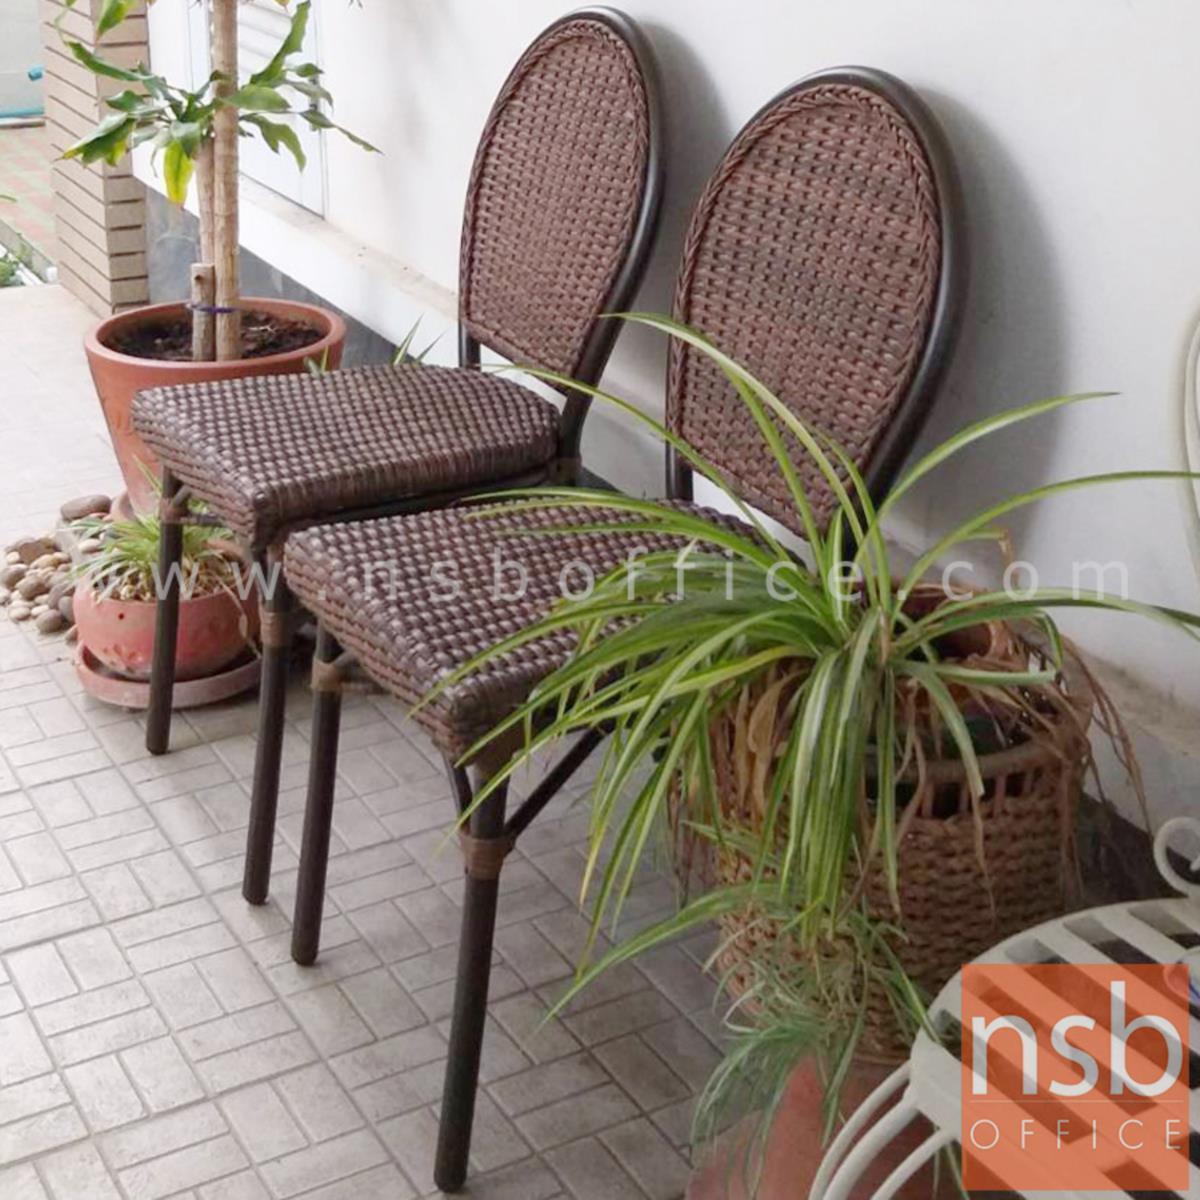 เก้าอี้สนามหวายเทียมสาน รุ่น Campbell ไม่มีท้าวแขน (ใช้กับโต๊ะหวายฯ รุ่น G08A236, G08A237)